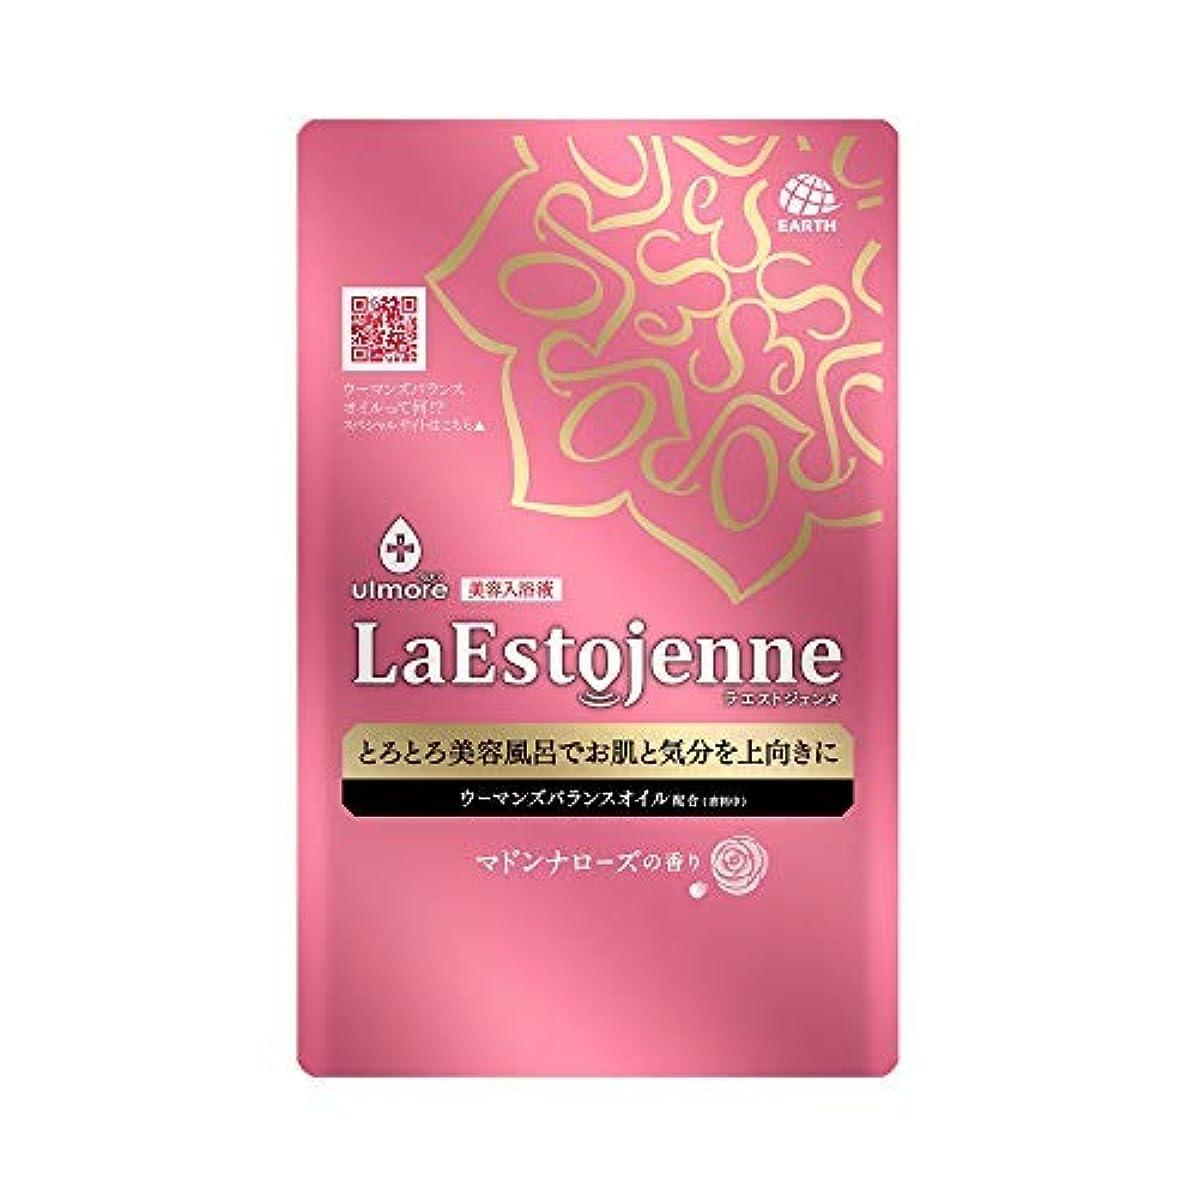 めんどりうまくやる()一掃するウルモア ラエストジェンヌ マドンナローズの香り 1包 × 8個セット